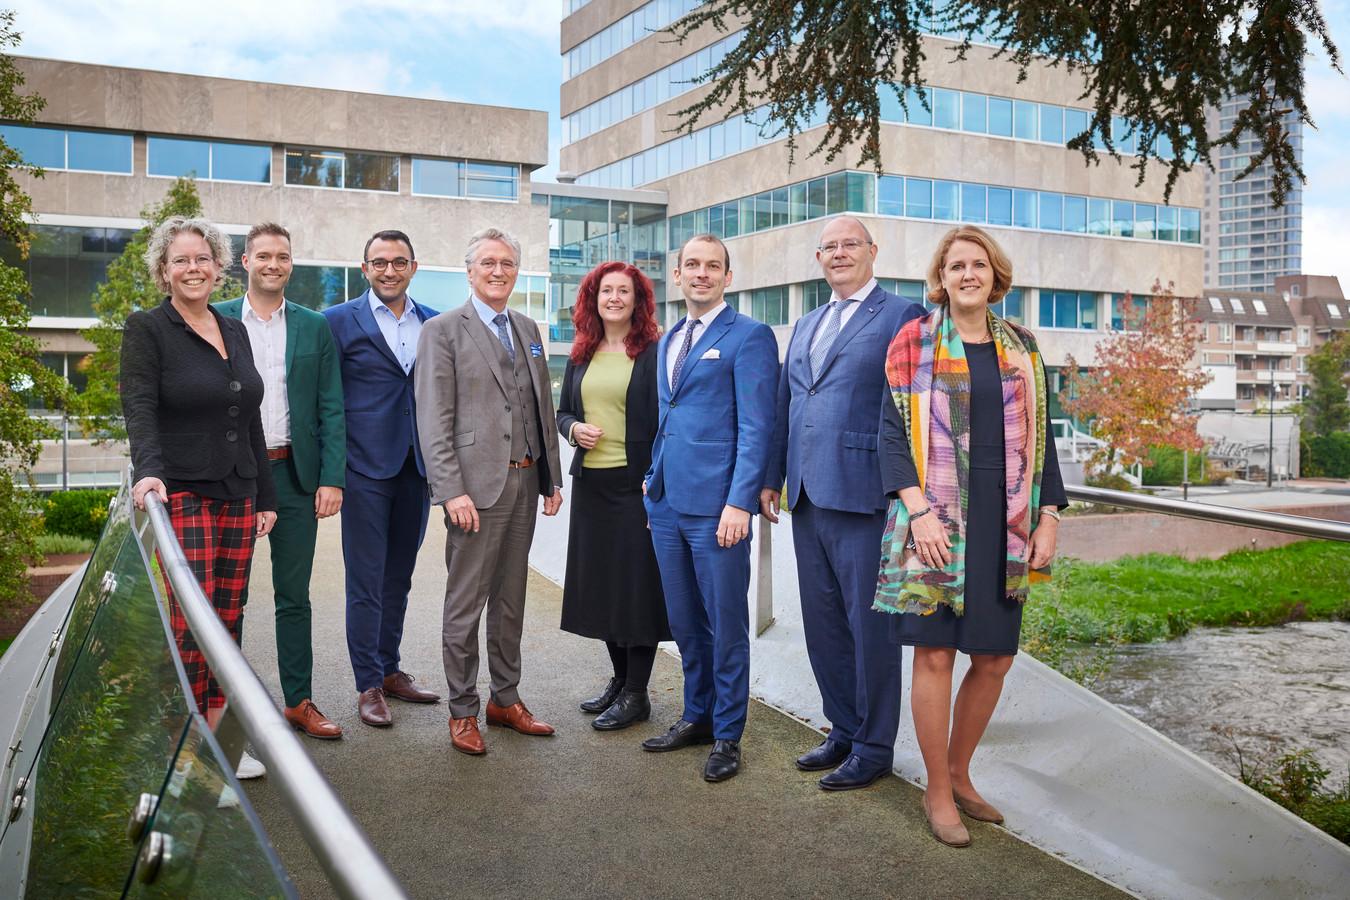 Het Eindhovense college van B en W. Van links naar rechts Aline Zwierstra (gemeentesecretaris), Rik Thijs, Yasin Torunoglu, burgemeester John Jorritsma, Renate Richters, Stijn Steenbakkers, Marcel Oosterveer en Monique List.